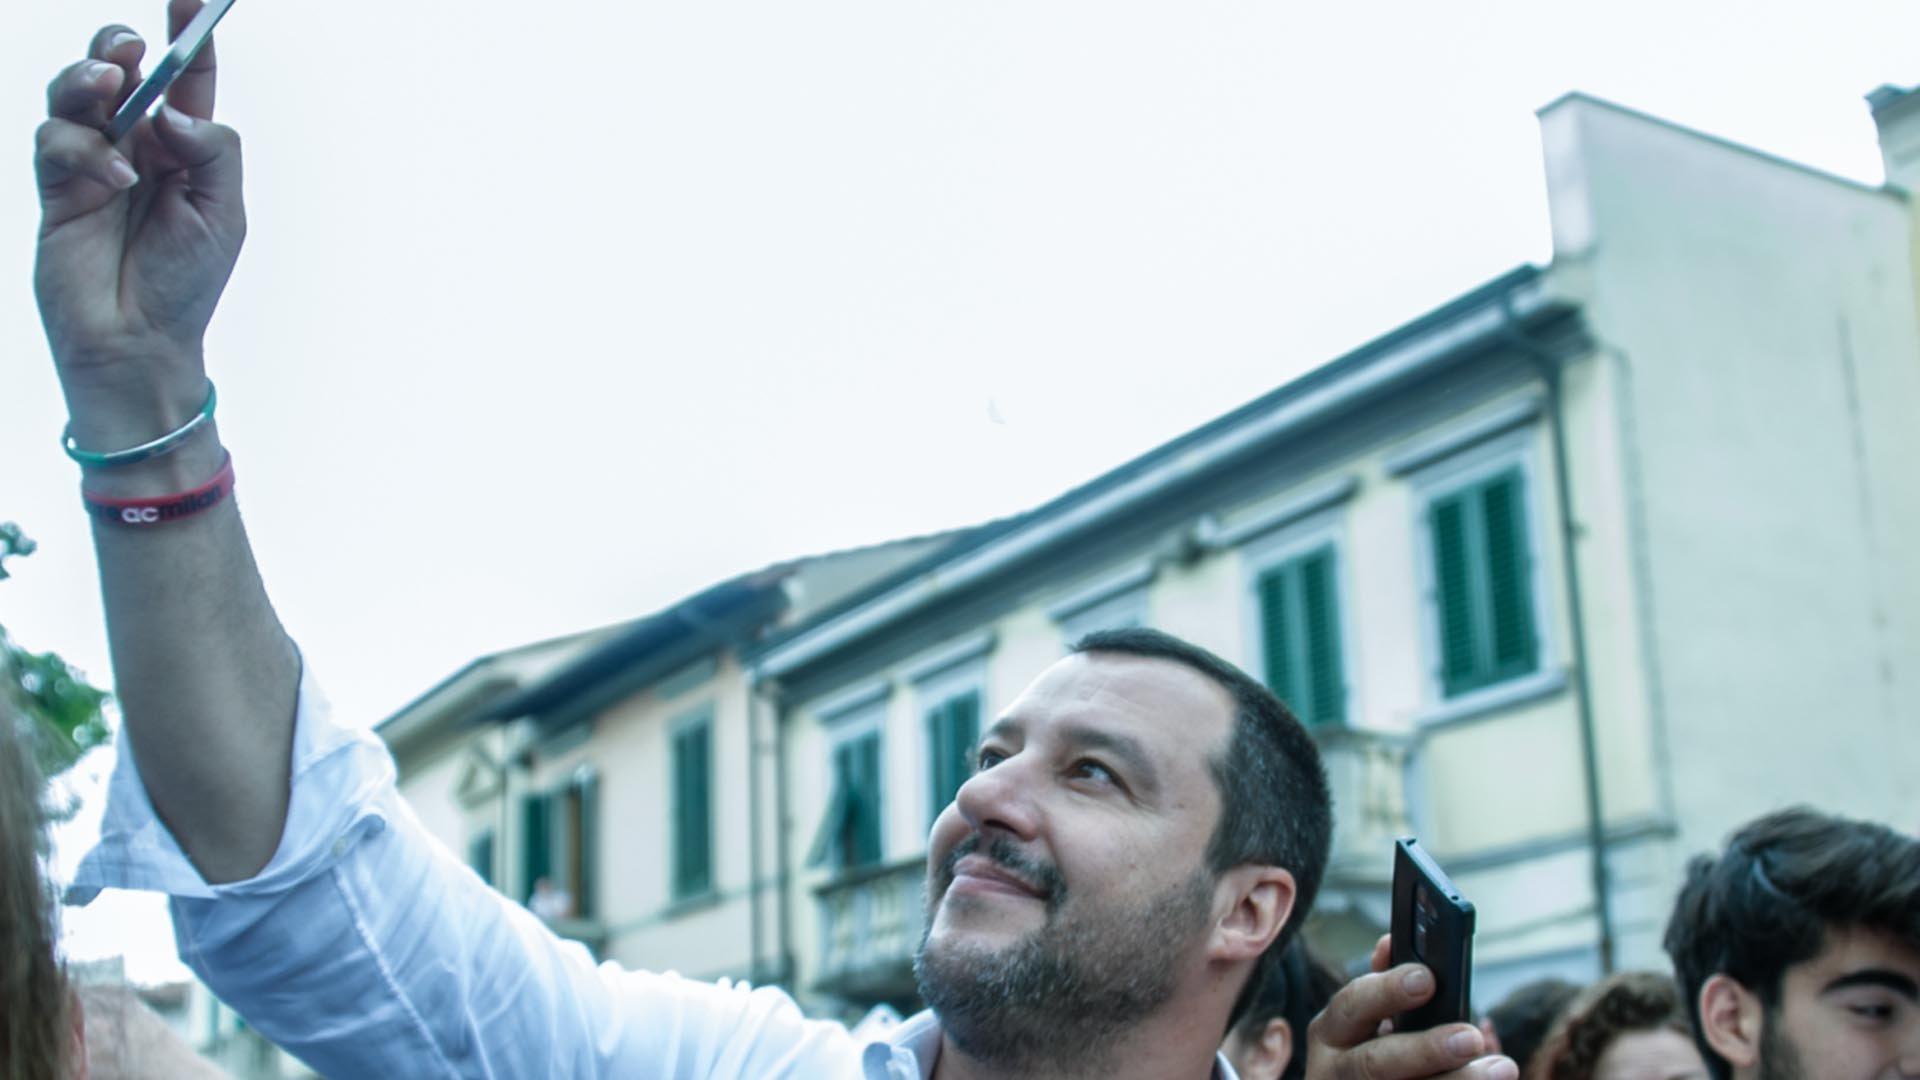 La Lega di Salvini è il secondo partito tra i millennial